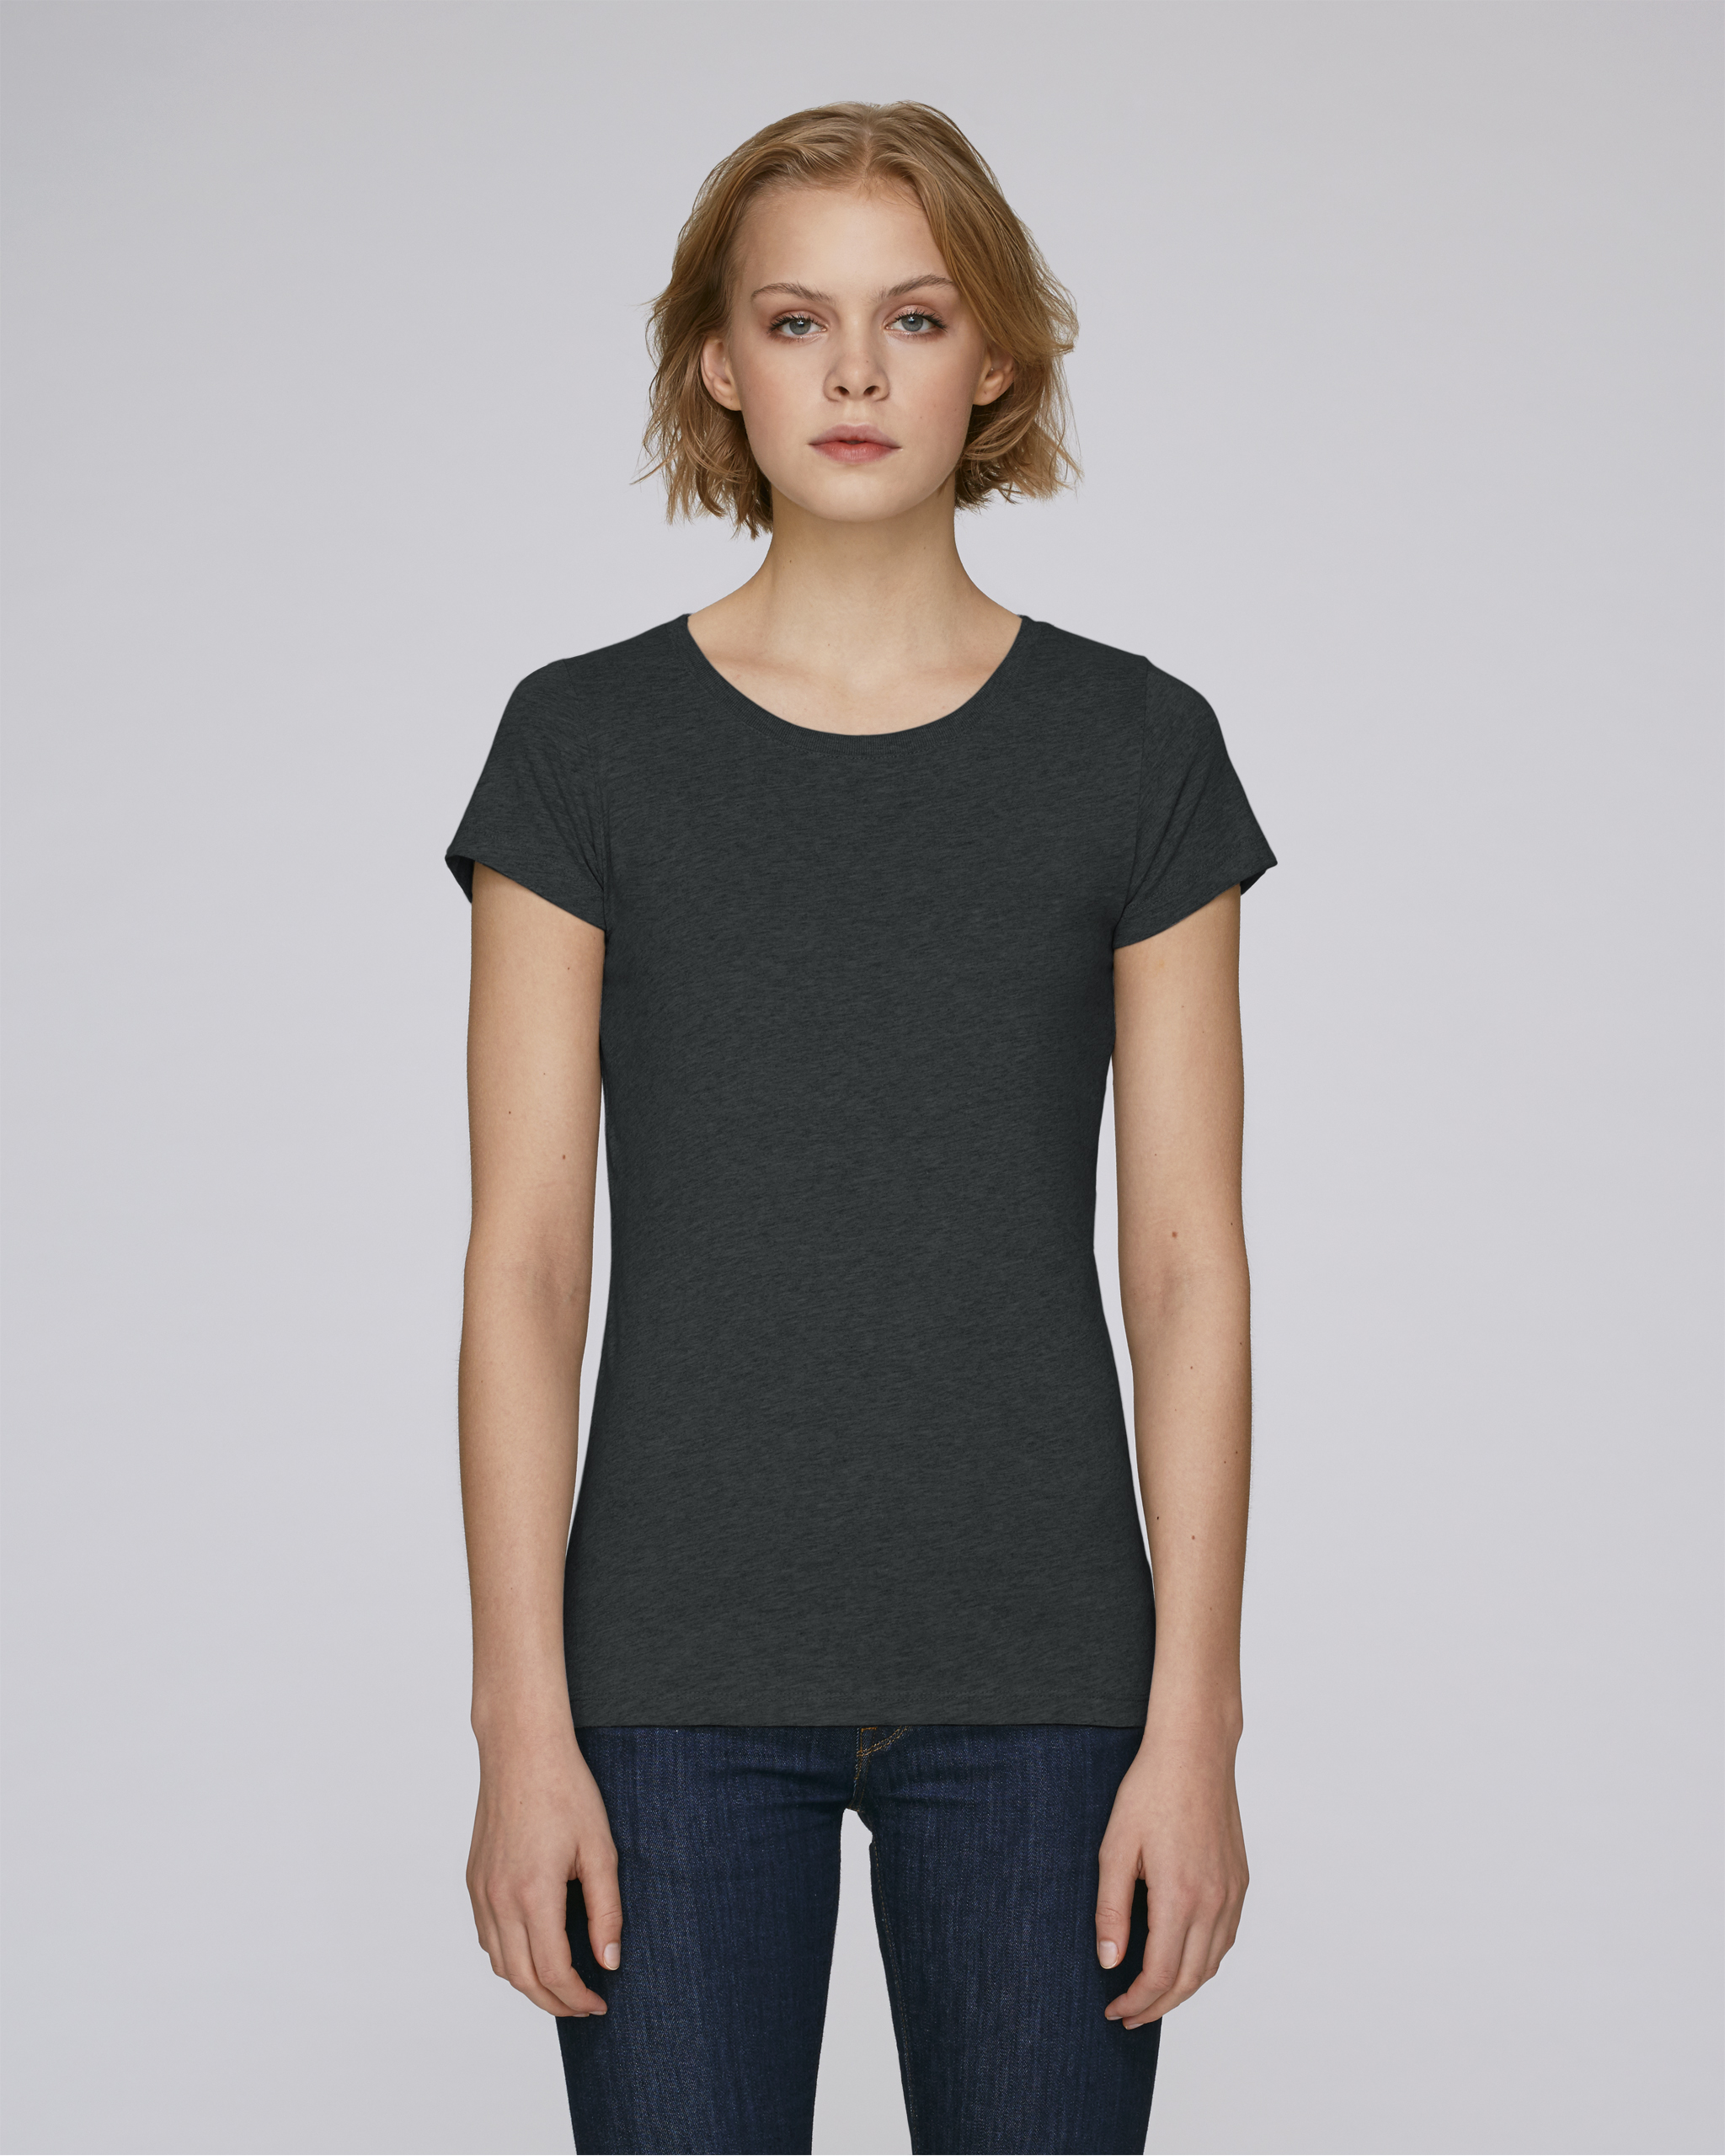 merchandising shirt